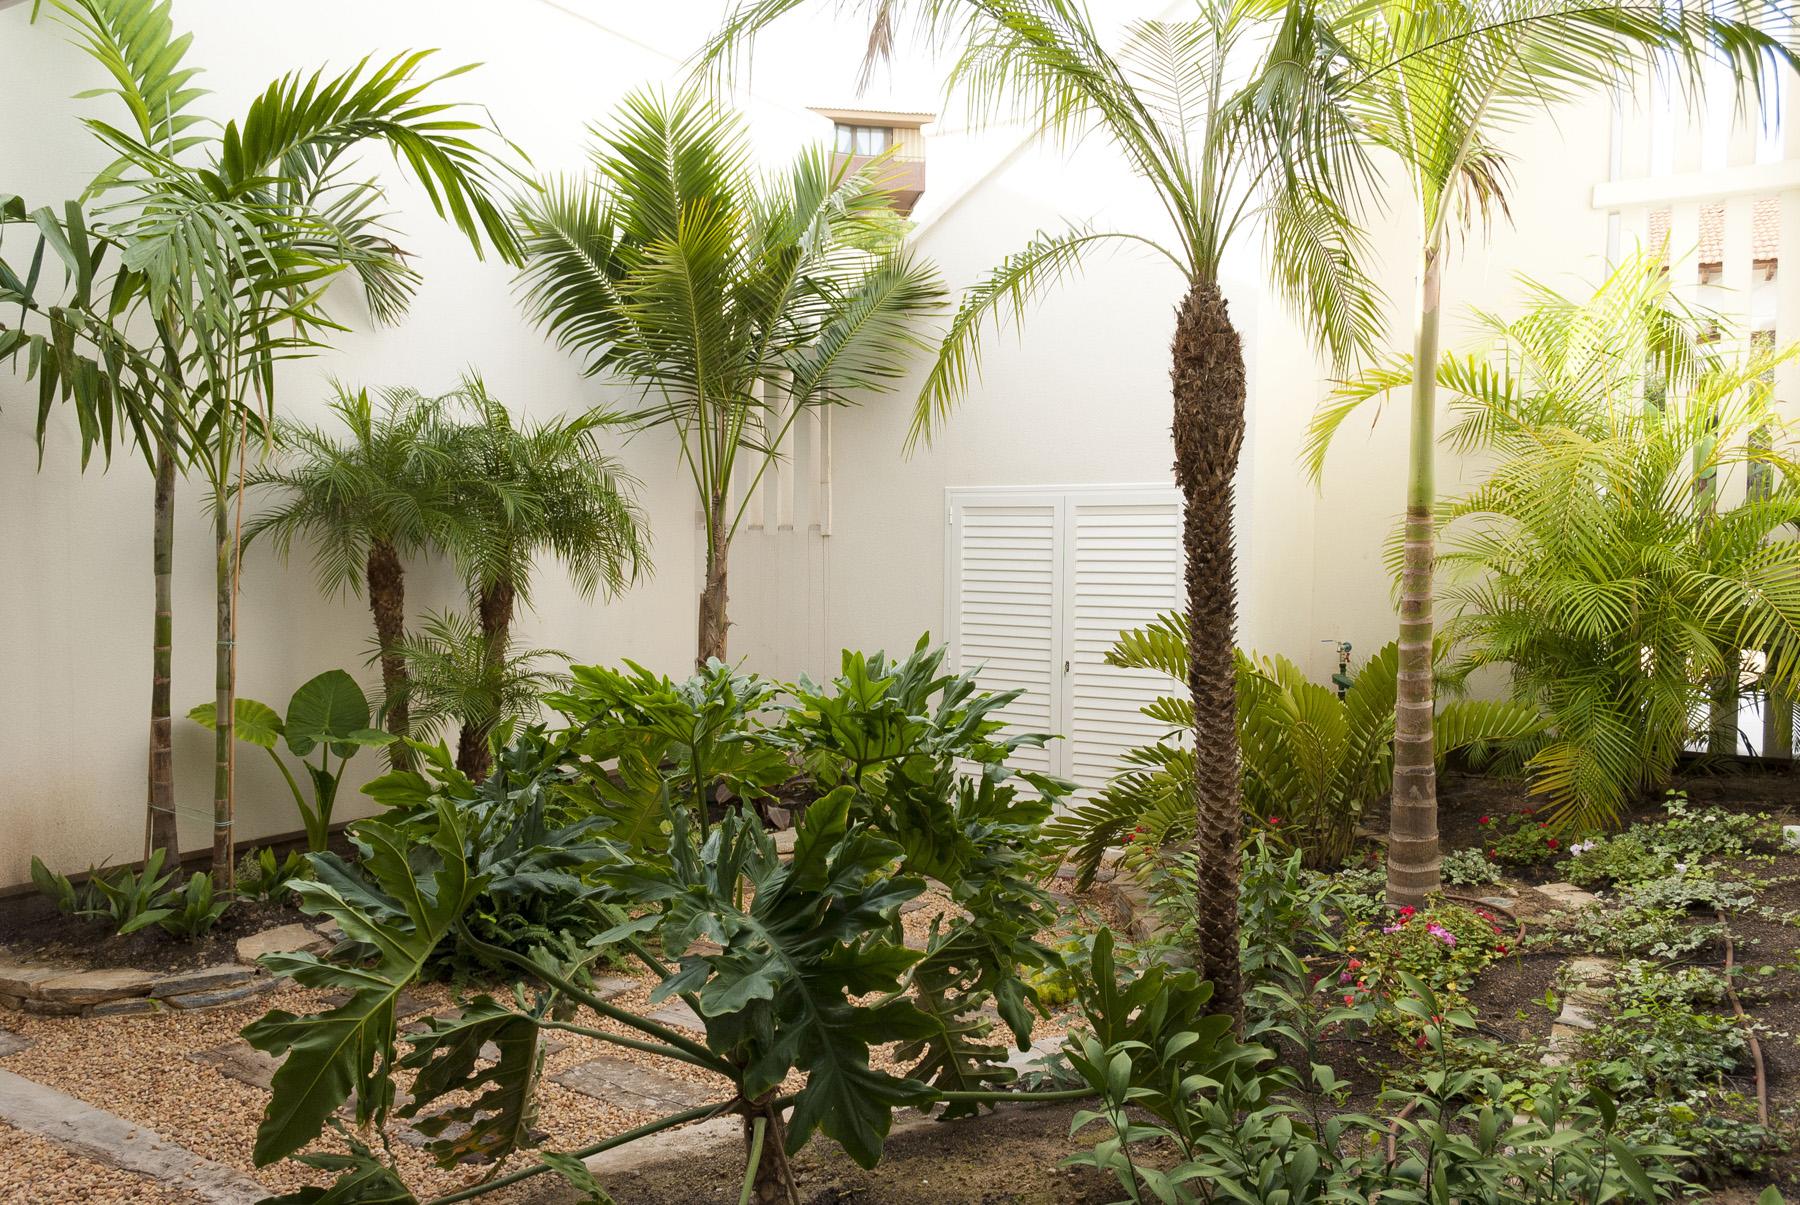 Diseno de jardin peque o david jim nez arquitectura y paisajismo en madrid - Diseno jardines madrid ...